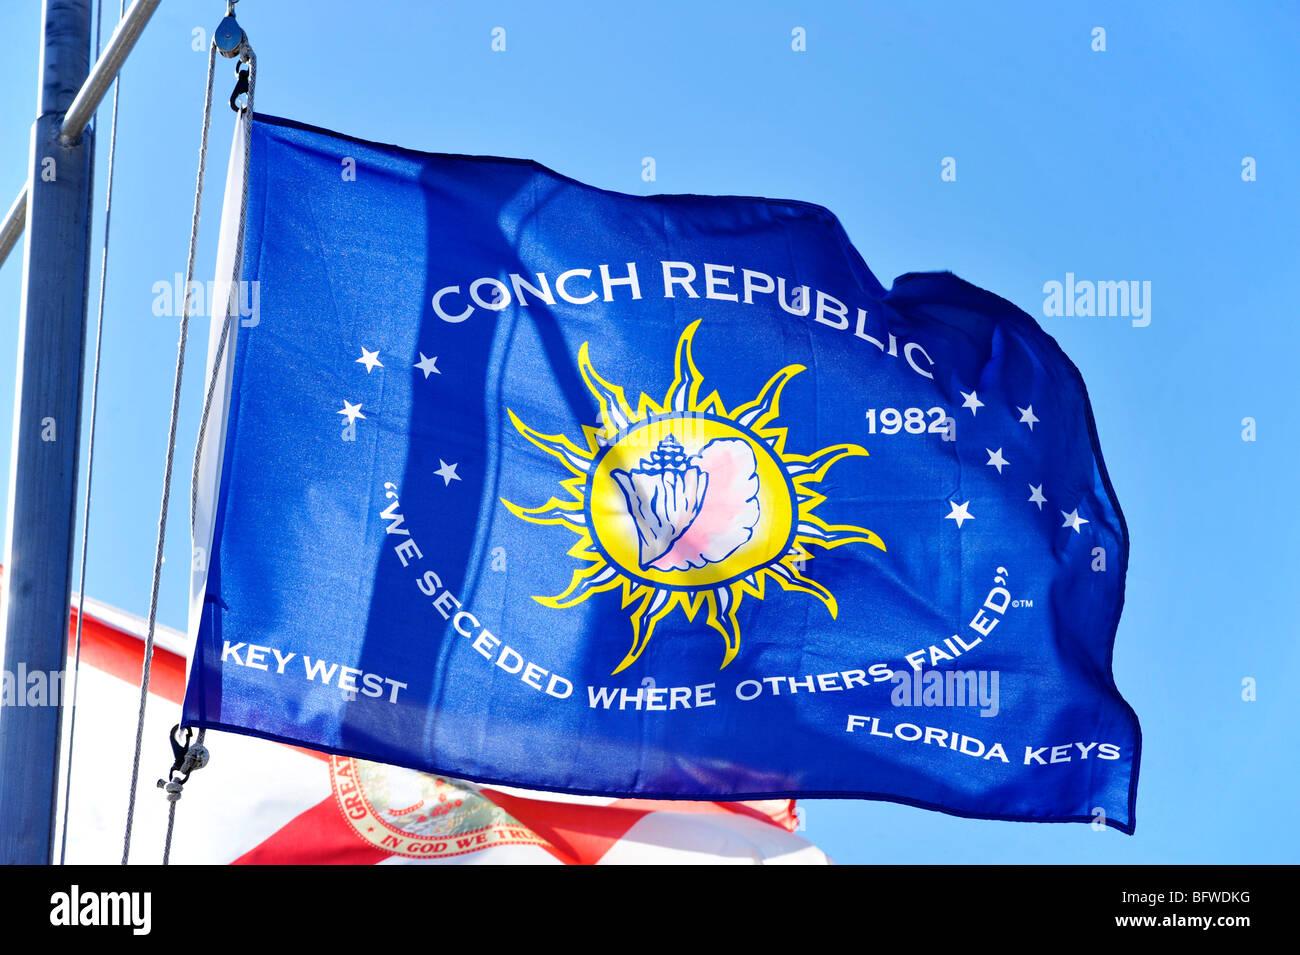 conch-republic-flag-key-west-florida-BFW